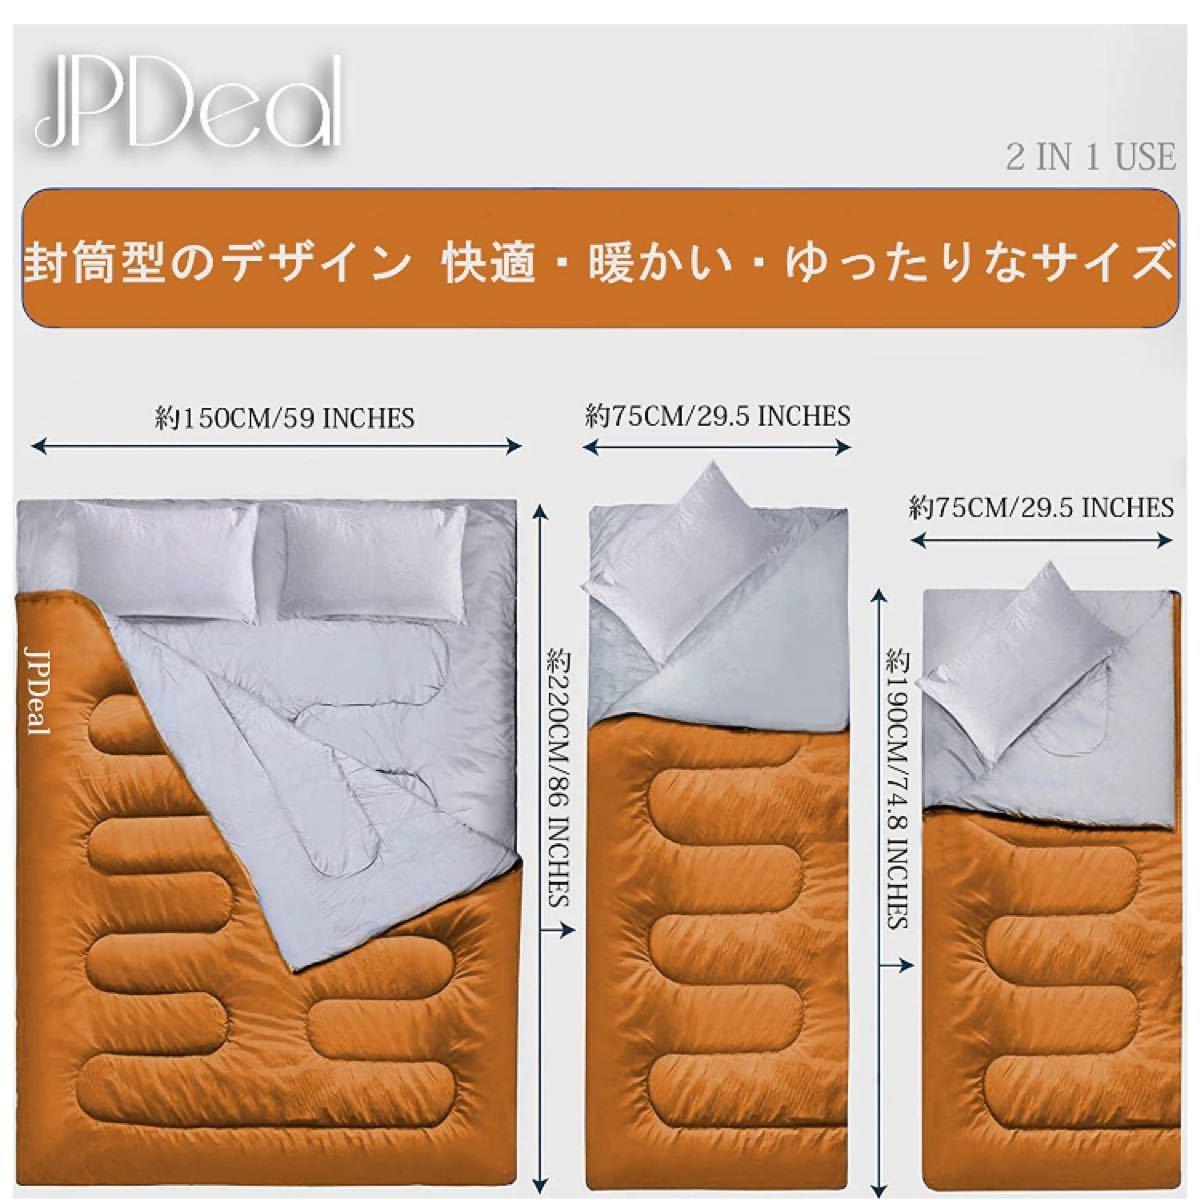 寝袋 封筒型 シュラフ コンプレッションバッグ 枕付き 210T防水シュラフ 連結可能 保温 軽量 コンパクト アウトドア